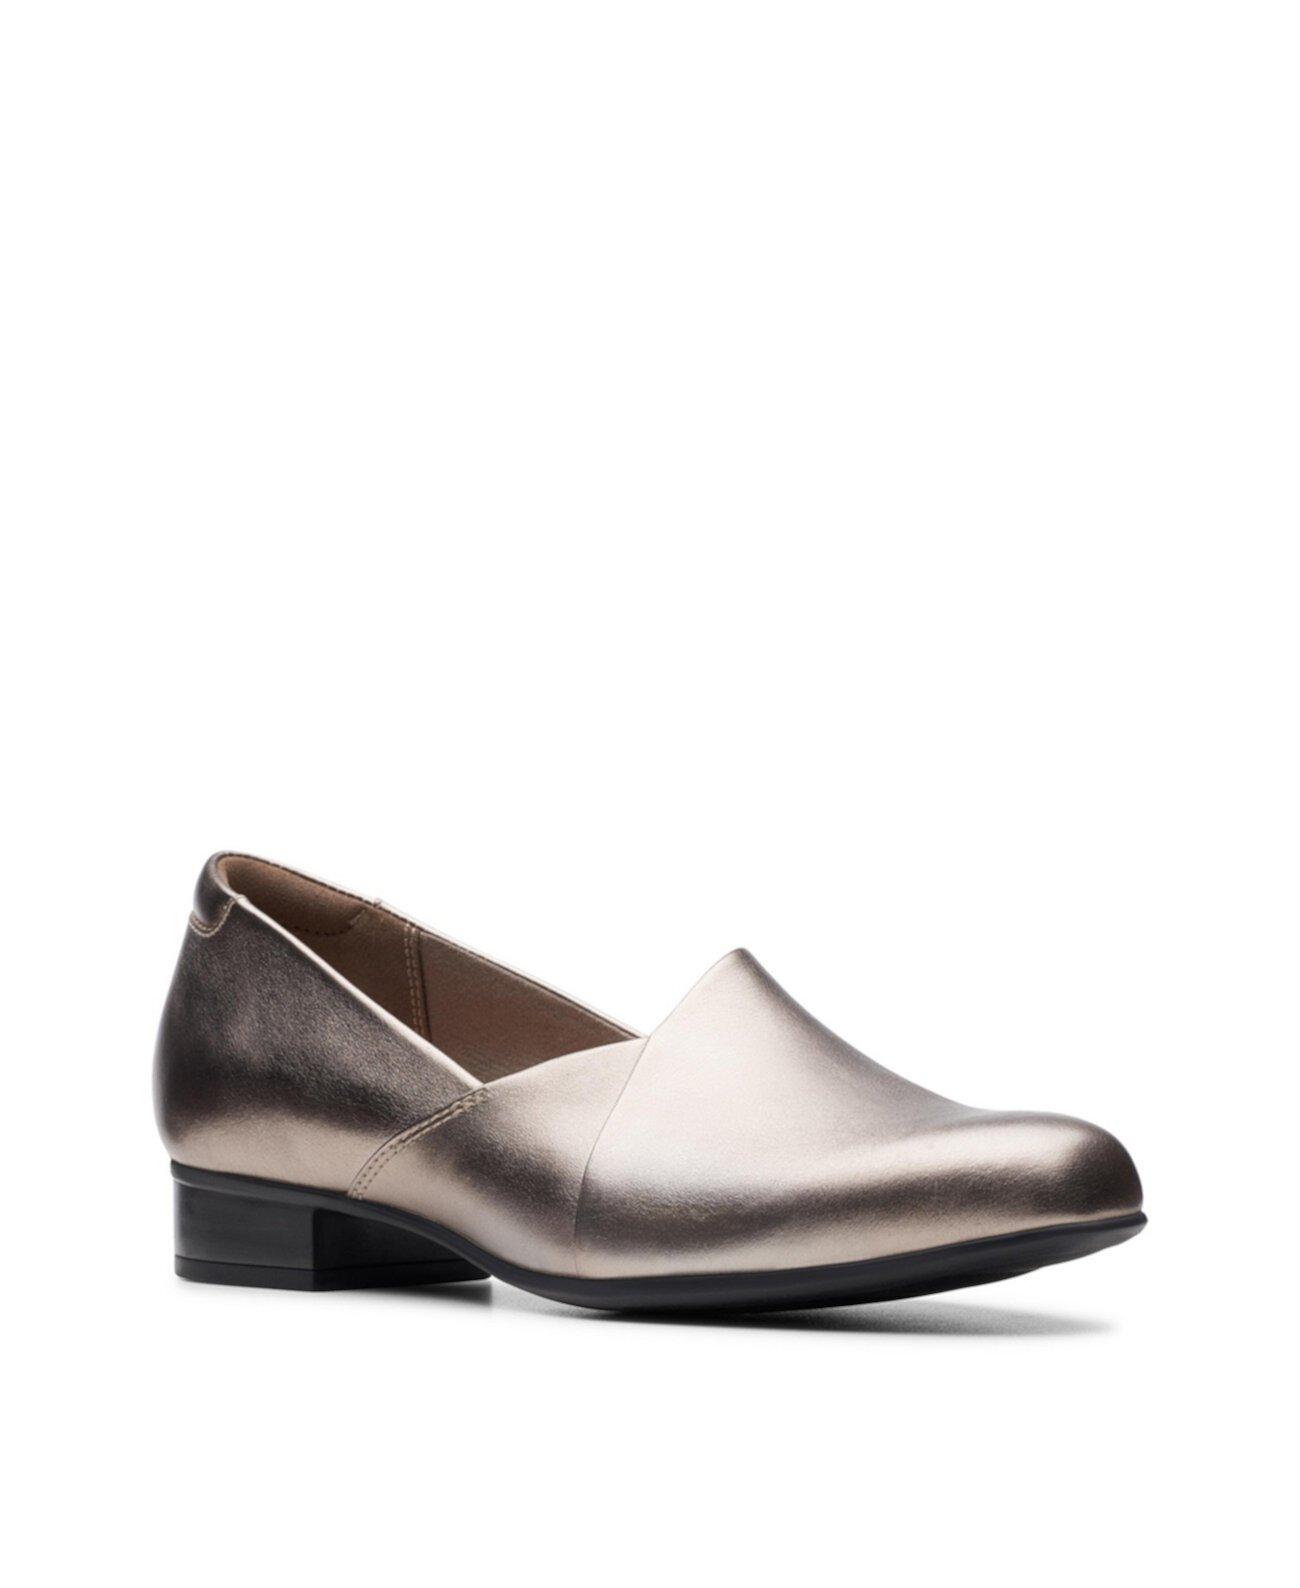 Коллекция женских туфель Juliet Palm Clarks